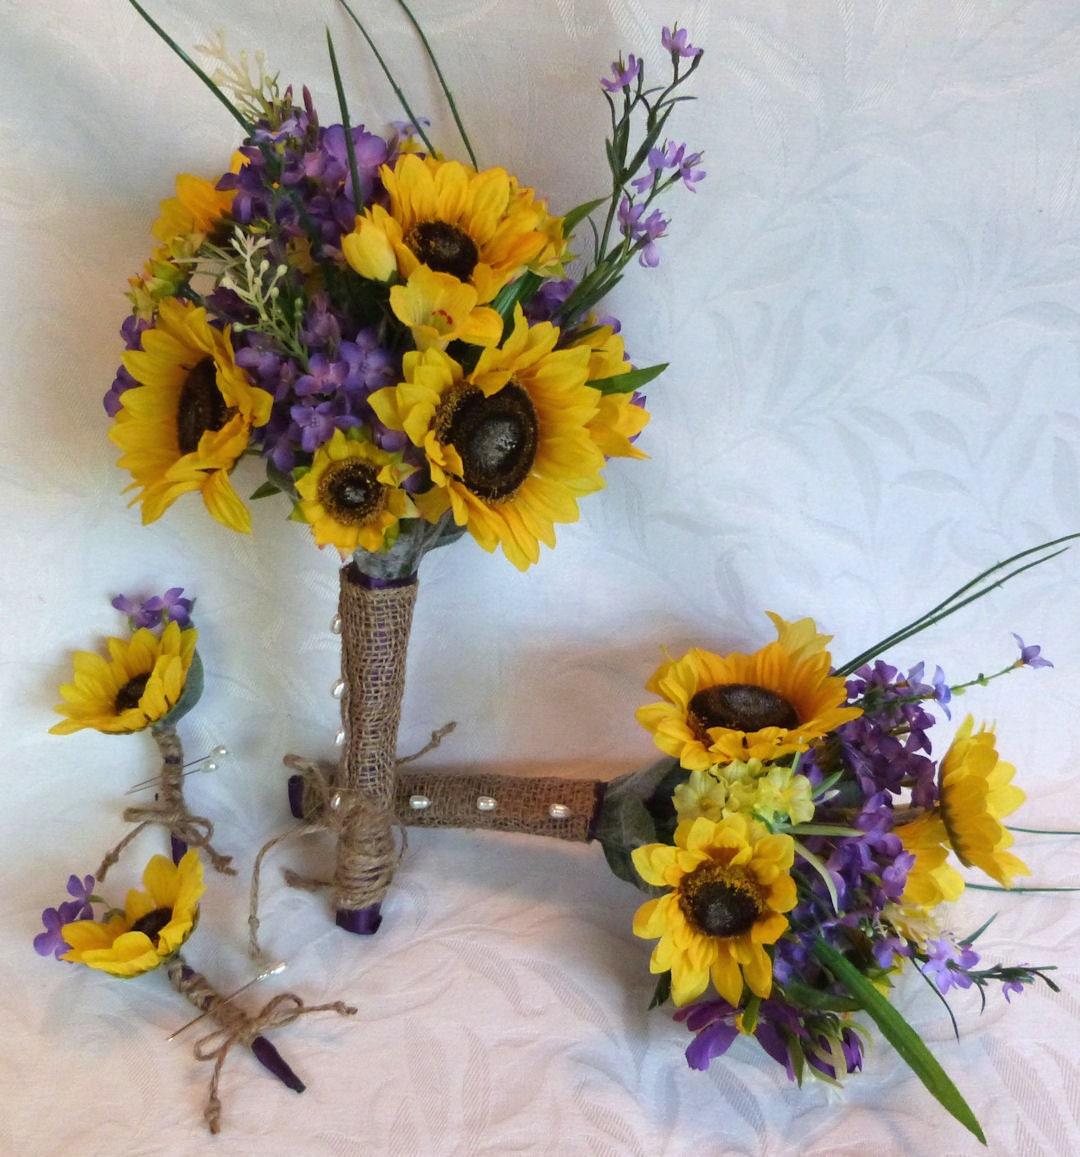 Sunflower wedding Country wedding 4 piece Sunflower Bouquet